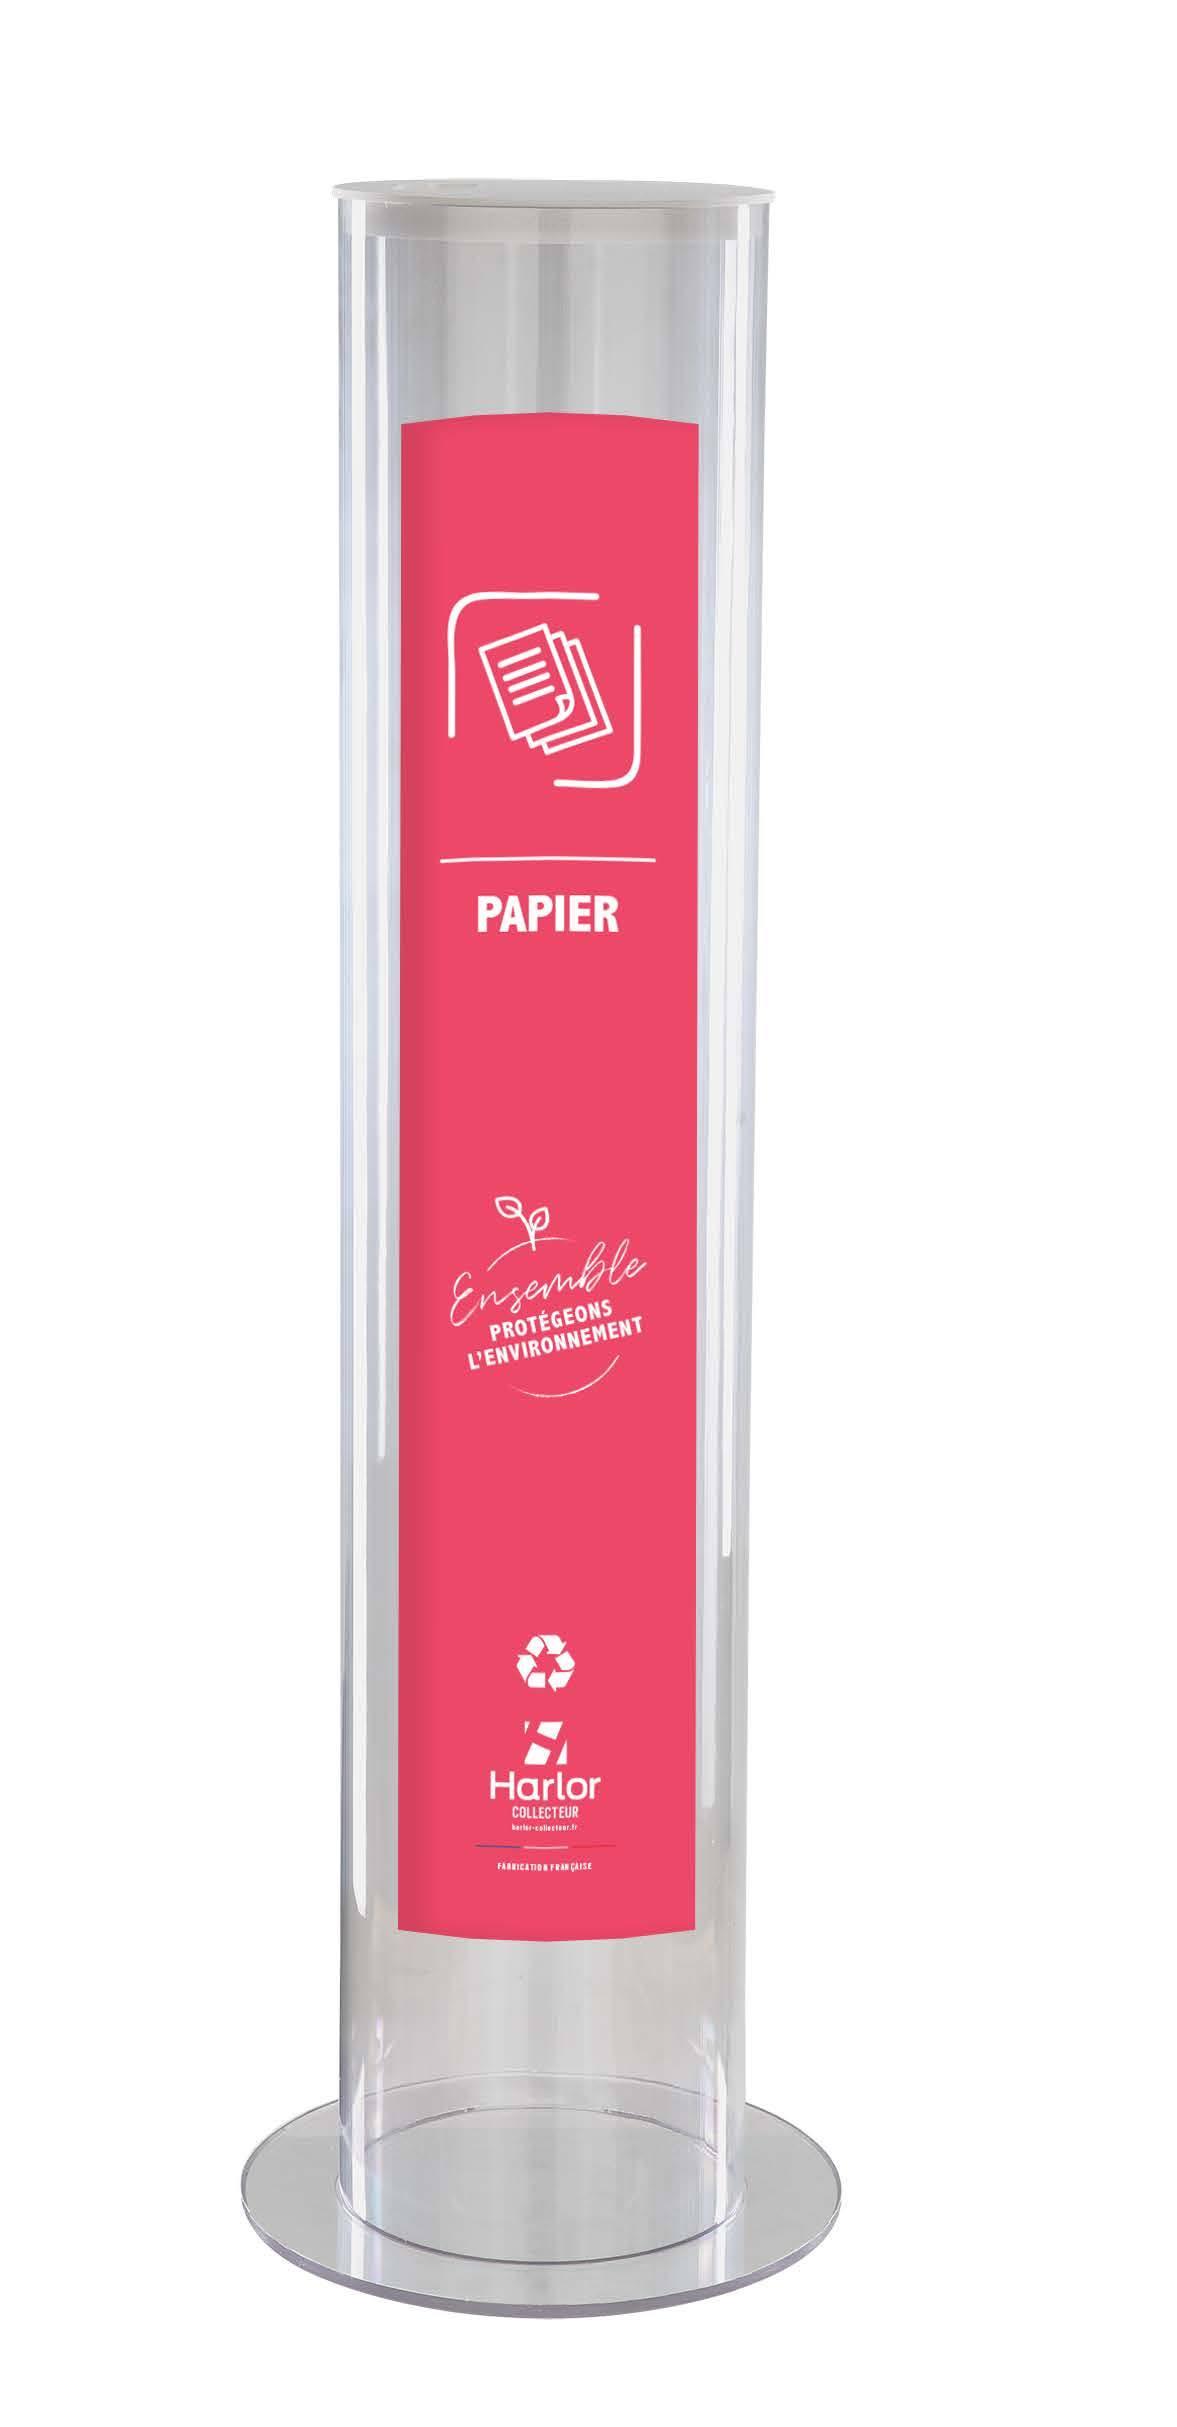 Harlor Collecteur - Collecteur Papier grand modèle 30L